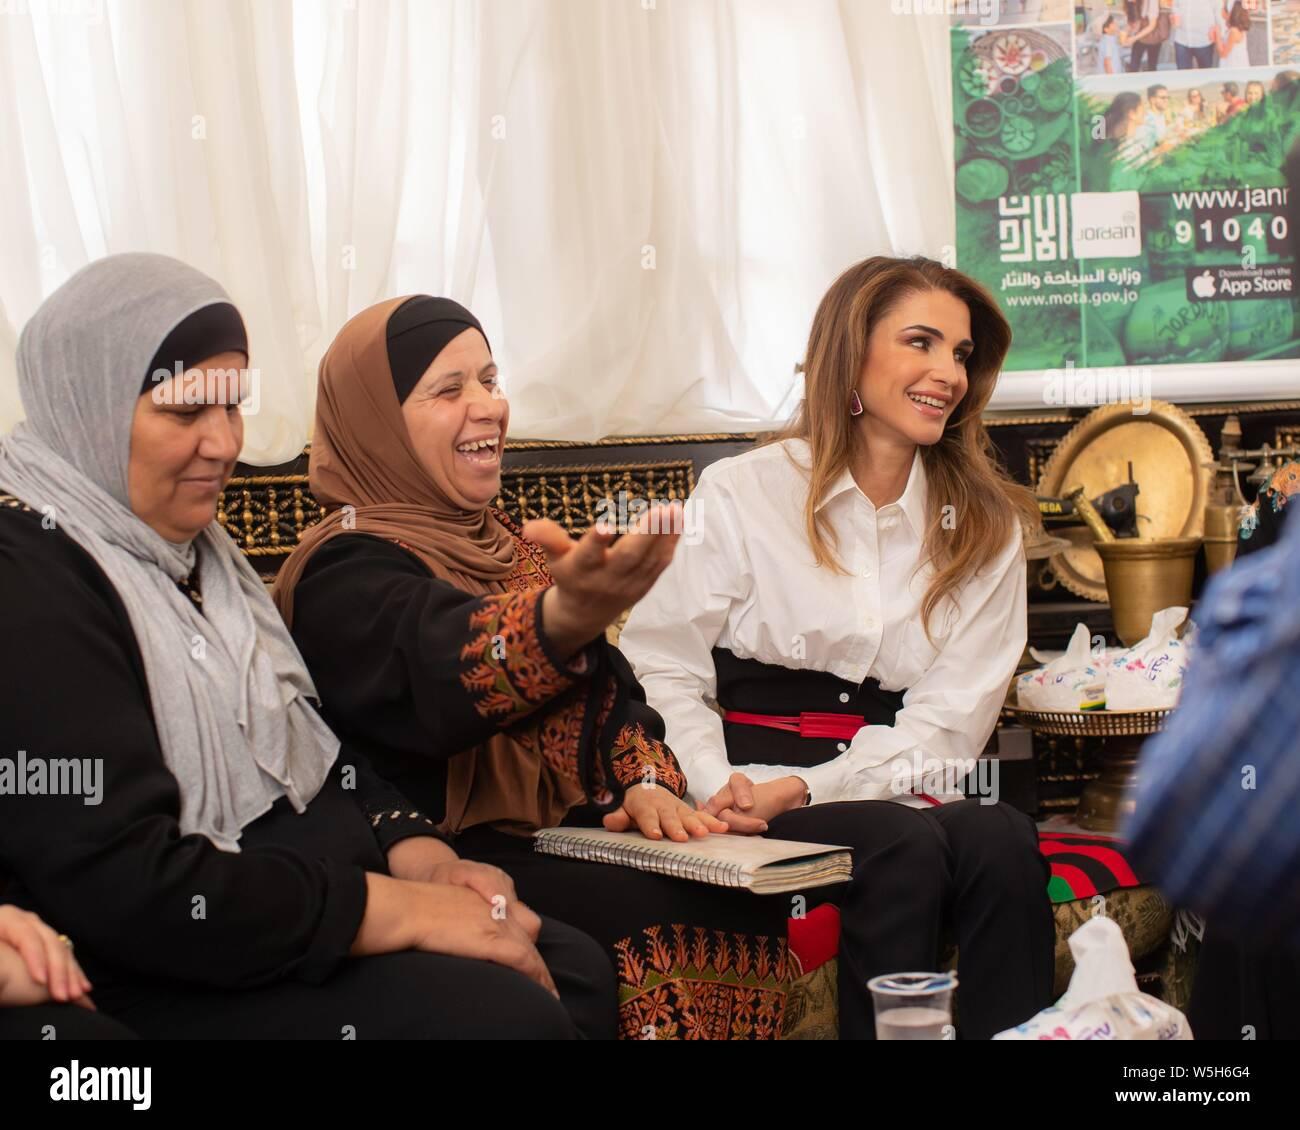 droit jordanie reine reine reine droit femmes jordanie des jordanie des femmes l1TFKJc3